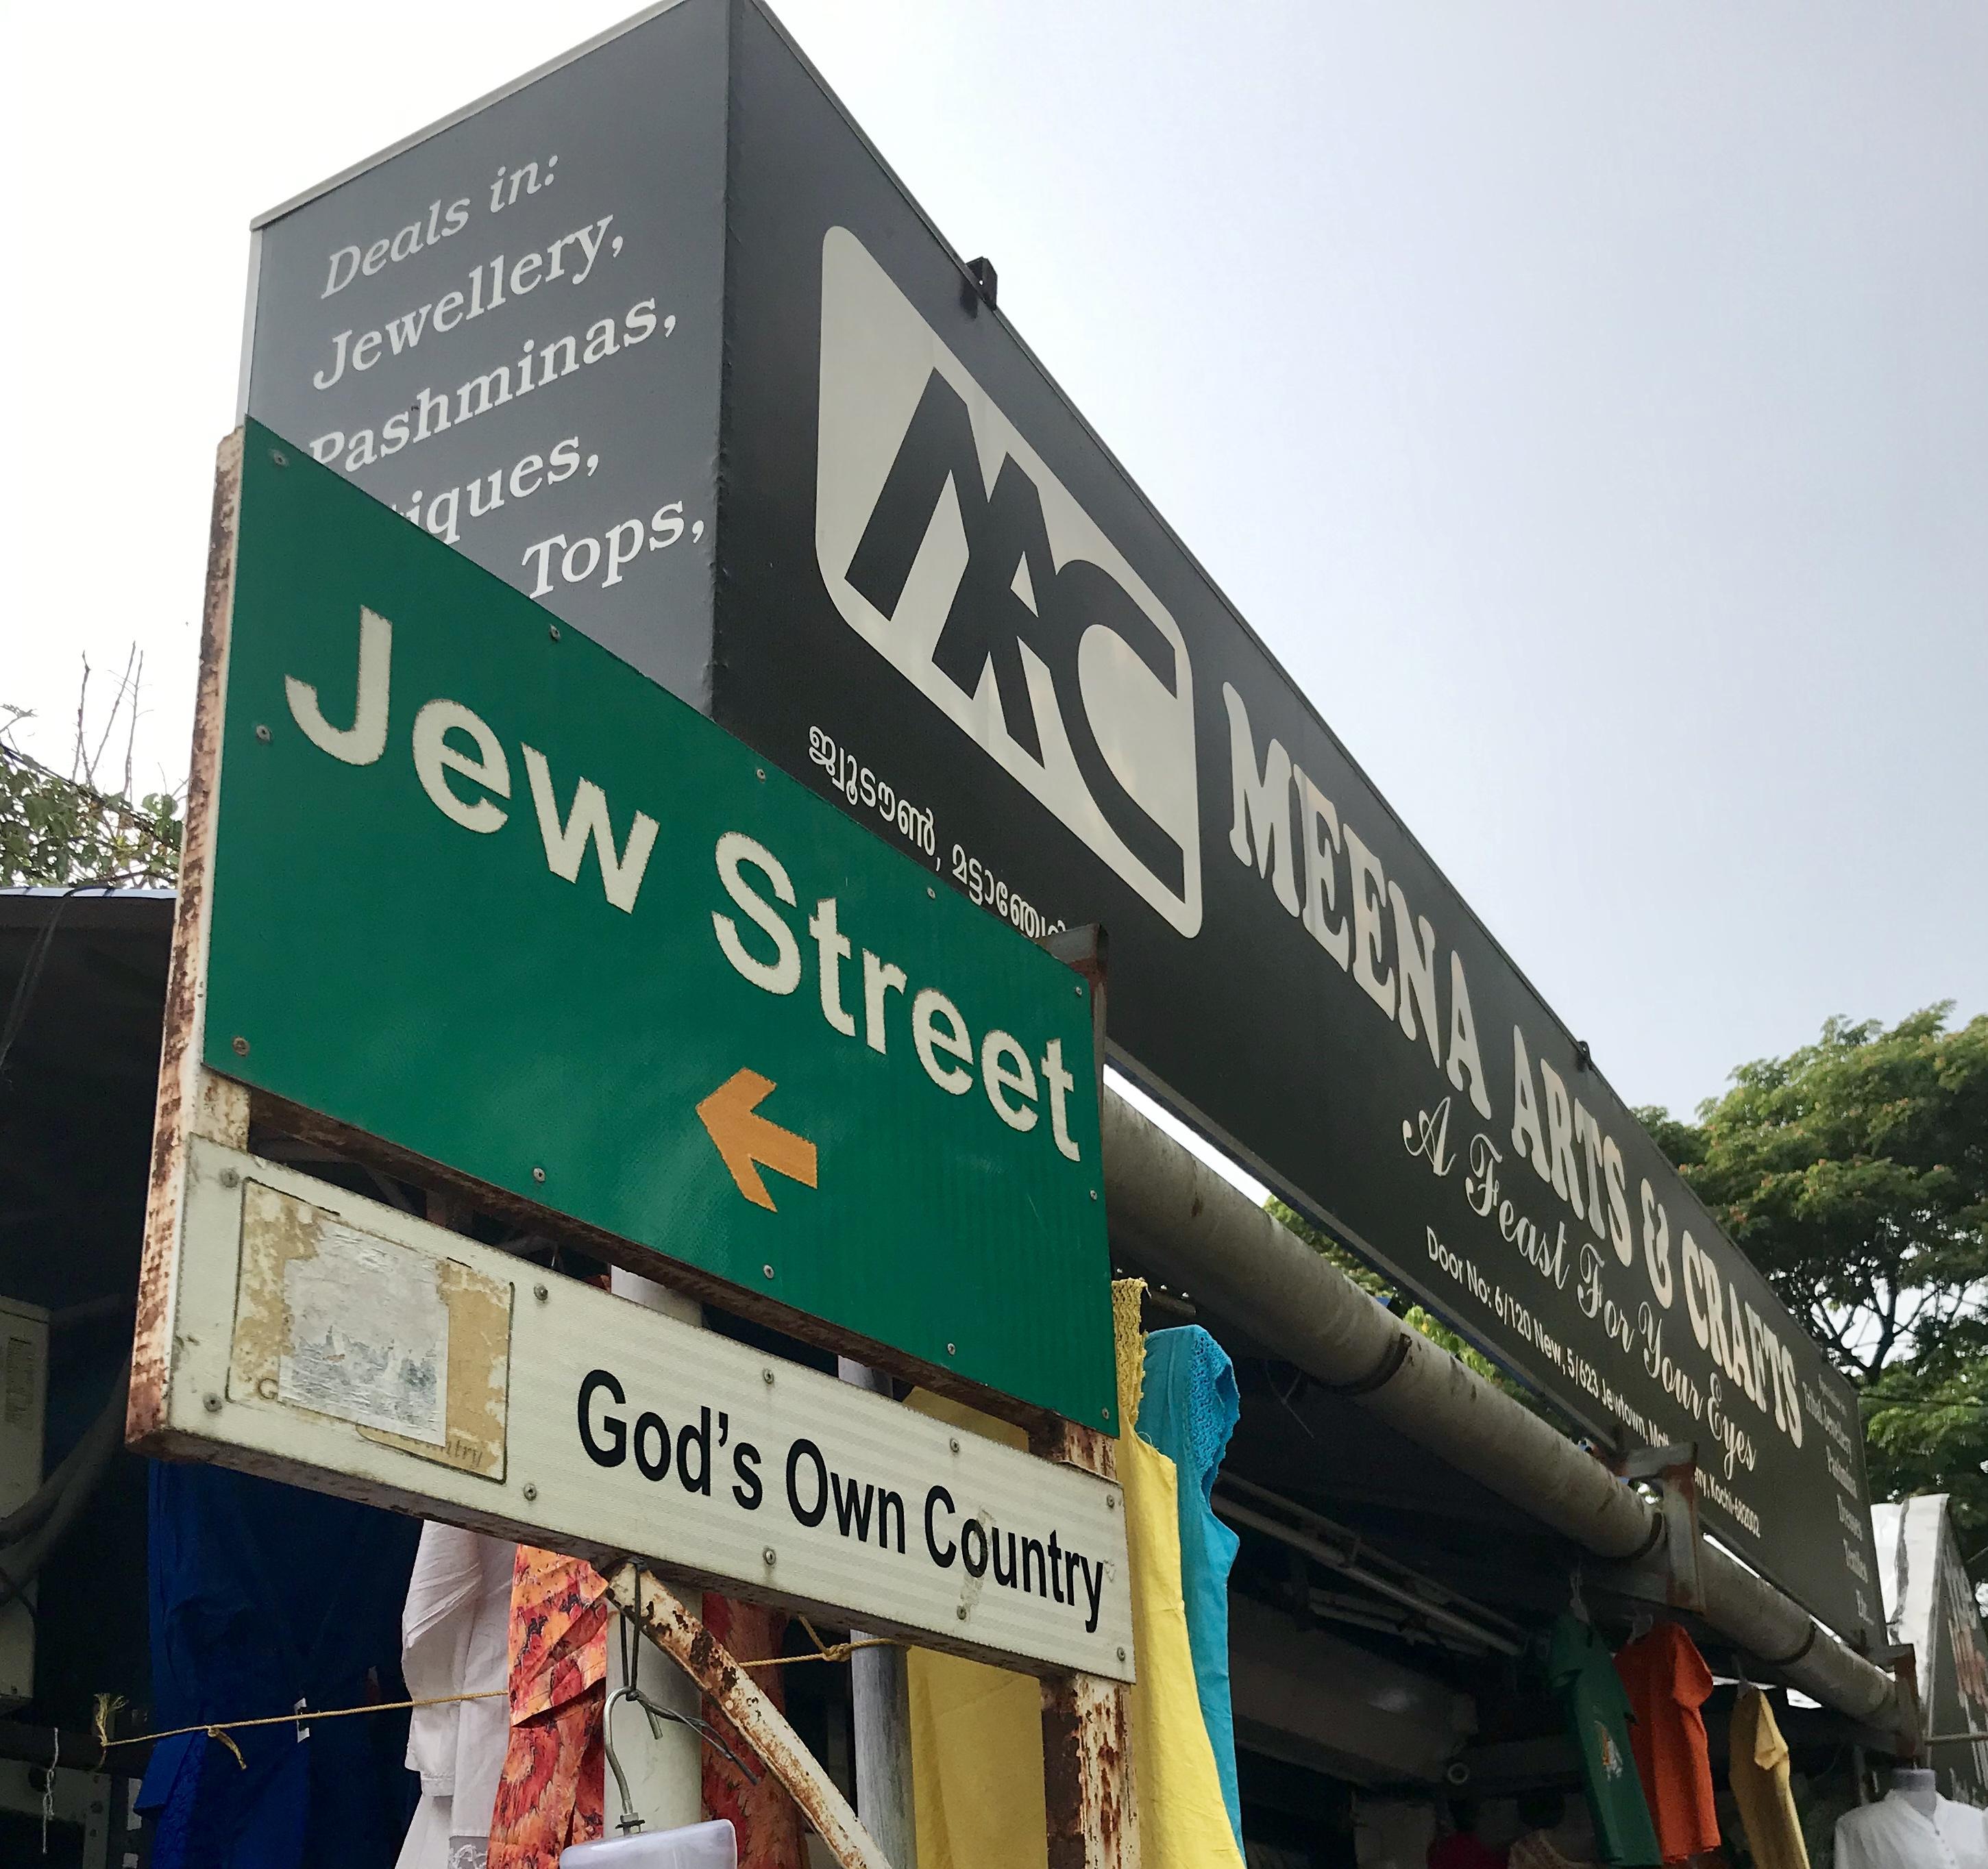 Jew Street is lined with Kashmiri shops / Photo by Devika Girish